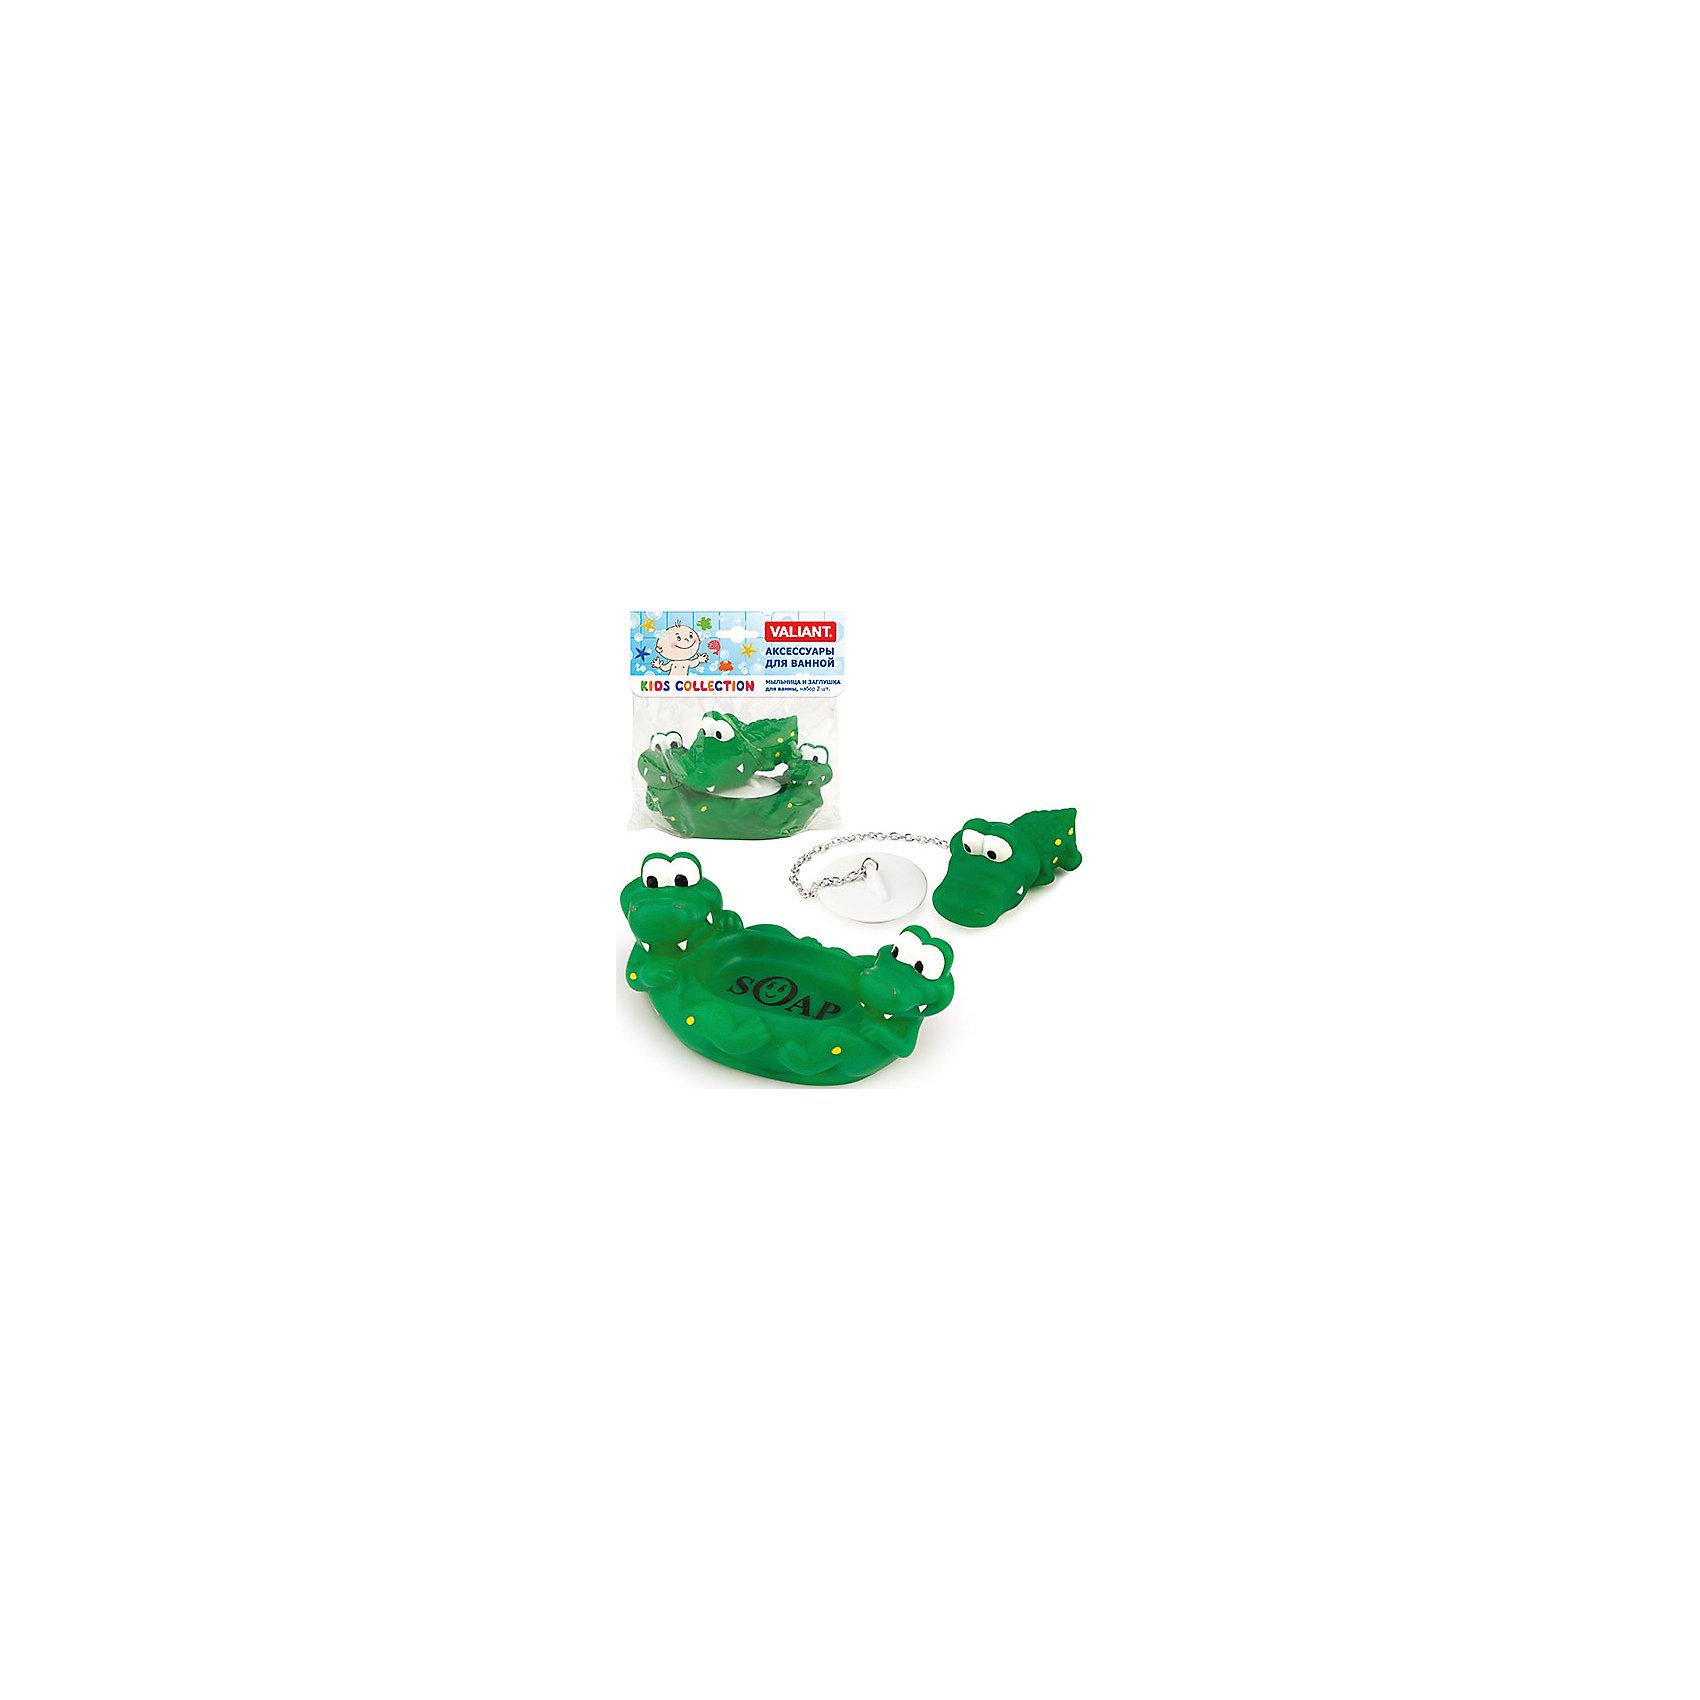 Мыльница и заглушка для ванны КрокодильчикиВанная комната<br>Мыльница и заглушка для ванны Крокодильчики– яркое и новое решение для Вашей ванны. Трогательный бытовой аксессуар гарантирует Вам и Вашим детям радостное настроение на каждый день. Дополнит коллекцию Крокодильчики: сетка настенная на присосах для аксессуаров и подставка со стаканом для зубных щеток.<br><br>Дополнительная информация: <br><br>- мыльница и заглушка для ванны, набор 2 шт., КРОКОДИЛЬЧИКИ<br>- размер: мыльница: 8*14,5*7 см.<br>             заглушка 6,5*8,5*4 см.<br>- материал: ПВХ без фталатов<br>- упаковка: PP пакет, цветная карта-держатель<br><br>Мыльницу и заглушку для ванны Крокодильчики можно купить в нашем интернет-магазине.<br><br>Ширина мм: 138<br>Глубина мм: 145<br>Высота мм: 70<br>Вес г: 139<br>Возраст от месяцев: -2147483648<br>Возраст до месяцев: 2147483647<br>Пол: Унисекс<br>Возраст: Детский<br>SKU: 4563361